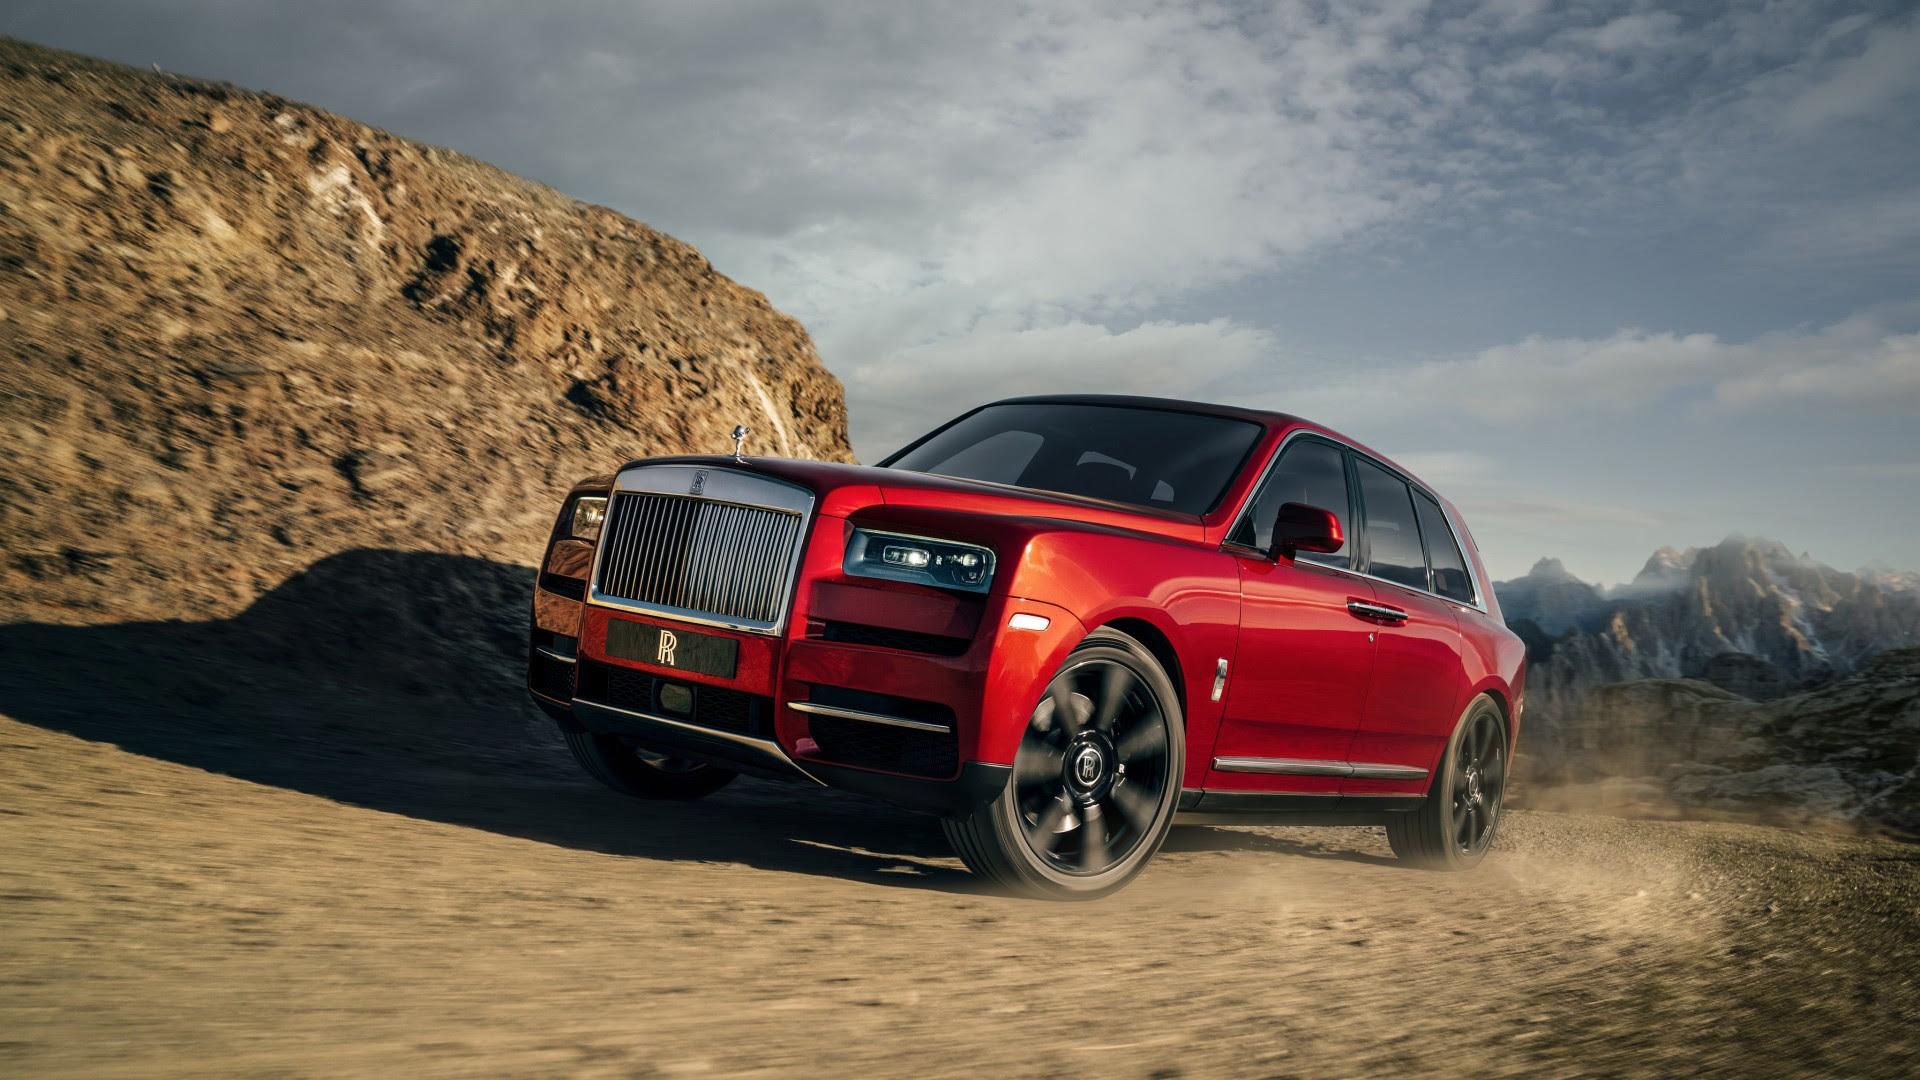 2018 Rolls-Royce Cullinan 4K Wallpaper | HD Car Wallpapers ...